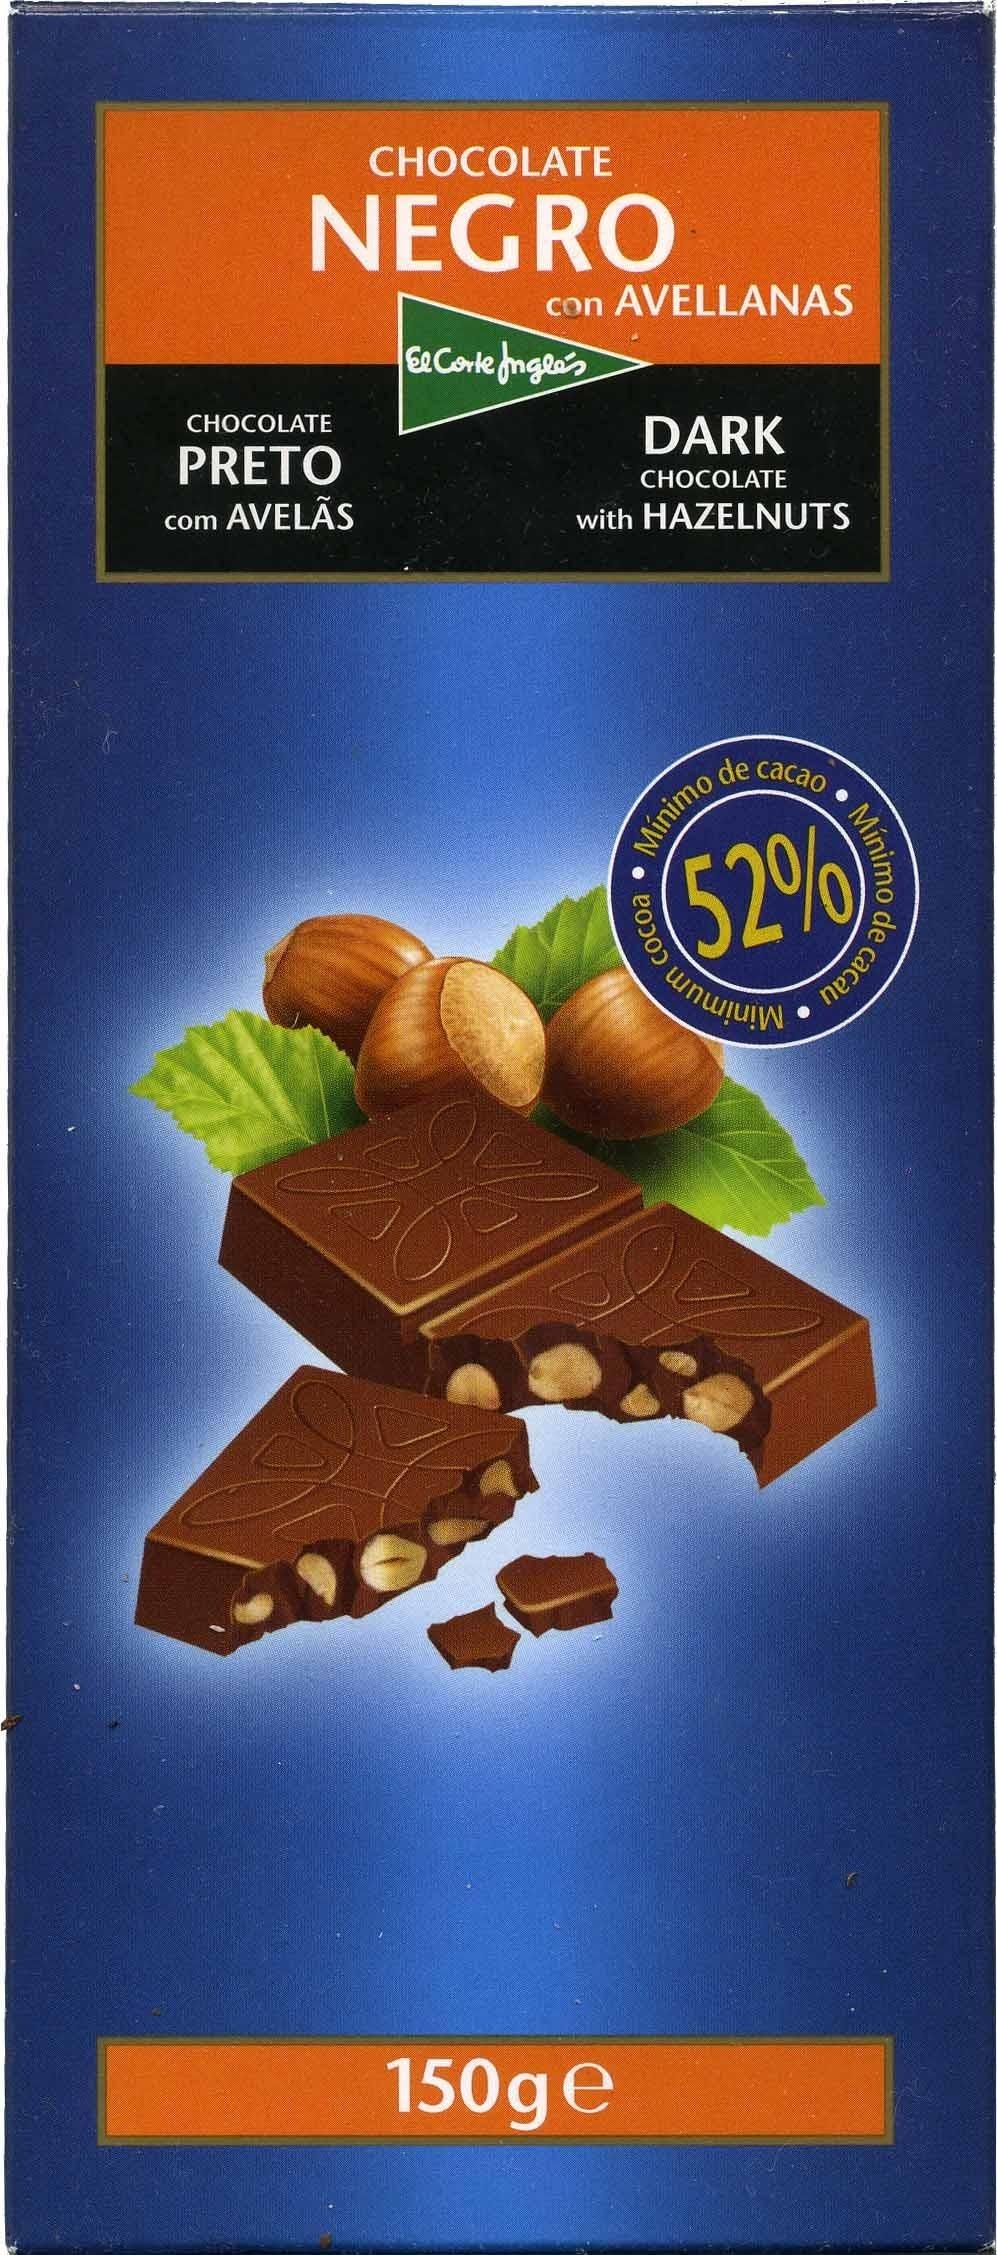 Chocolate negro con avellanas 52% de cacao - Product - es